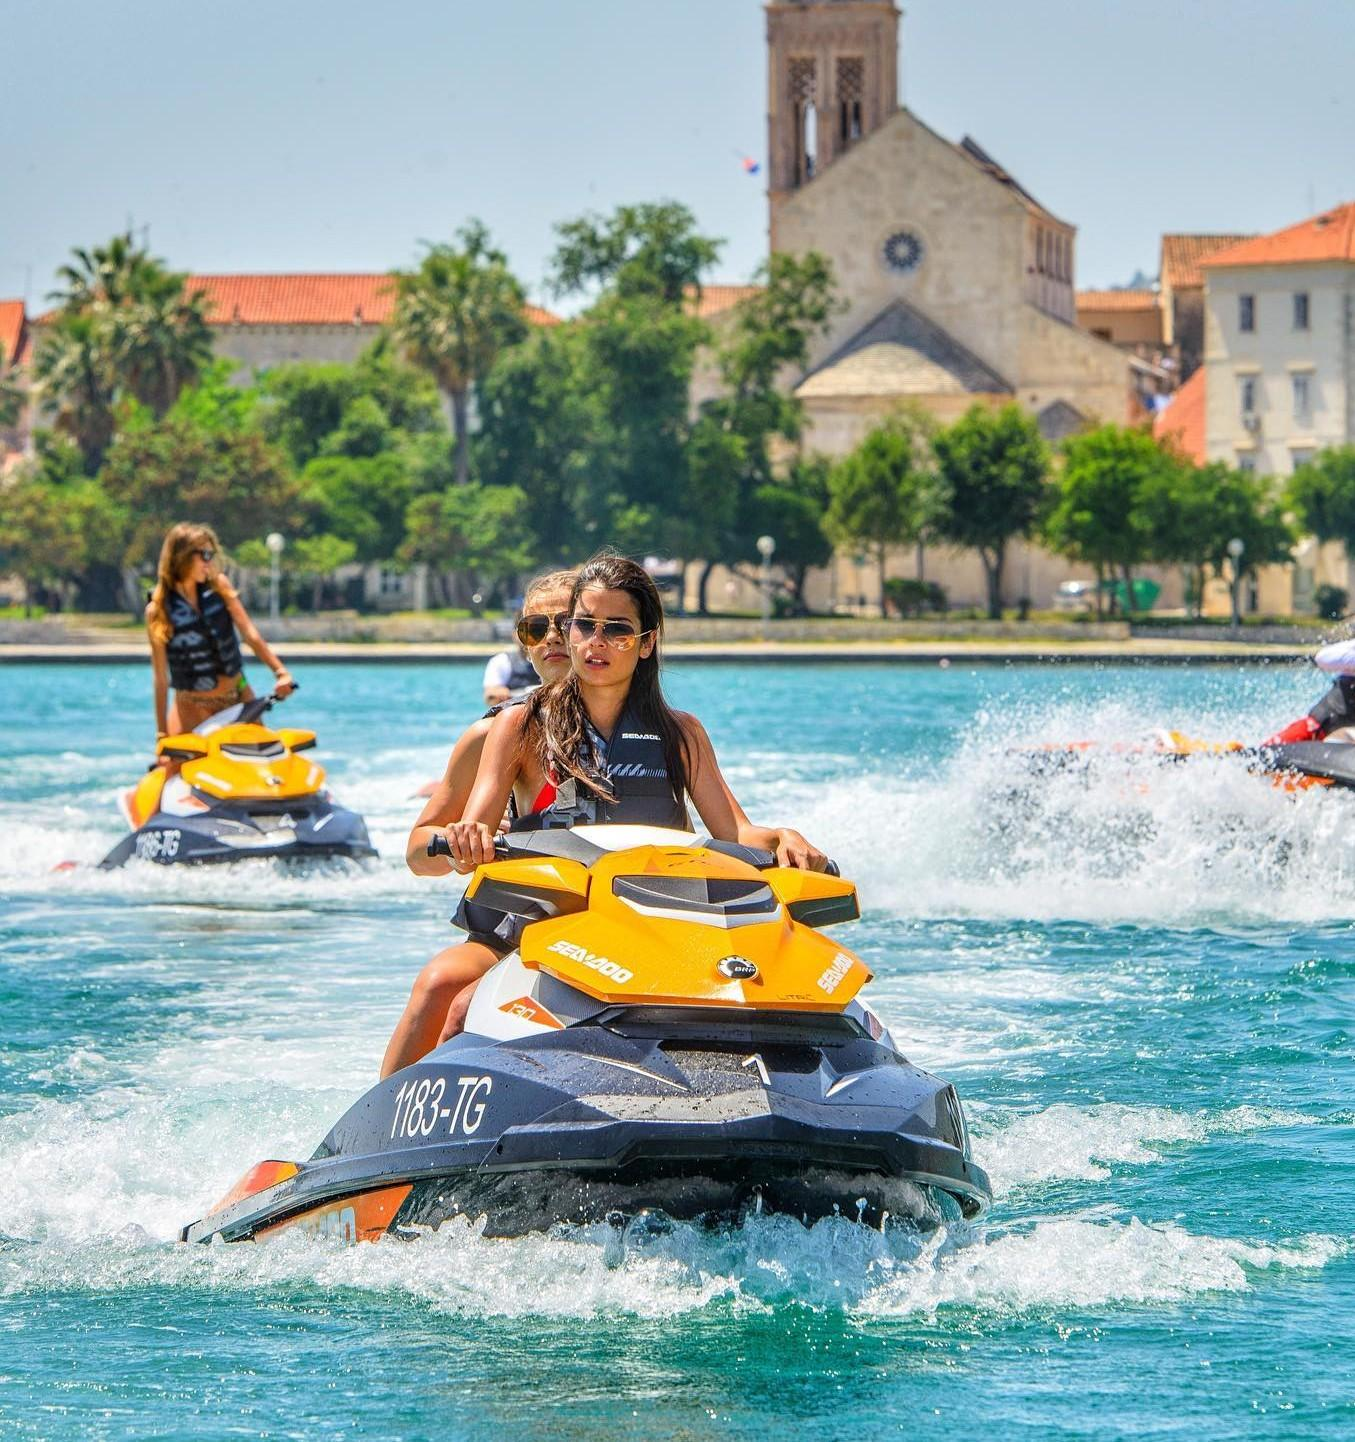 Jet Ski in Trogir